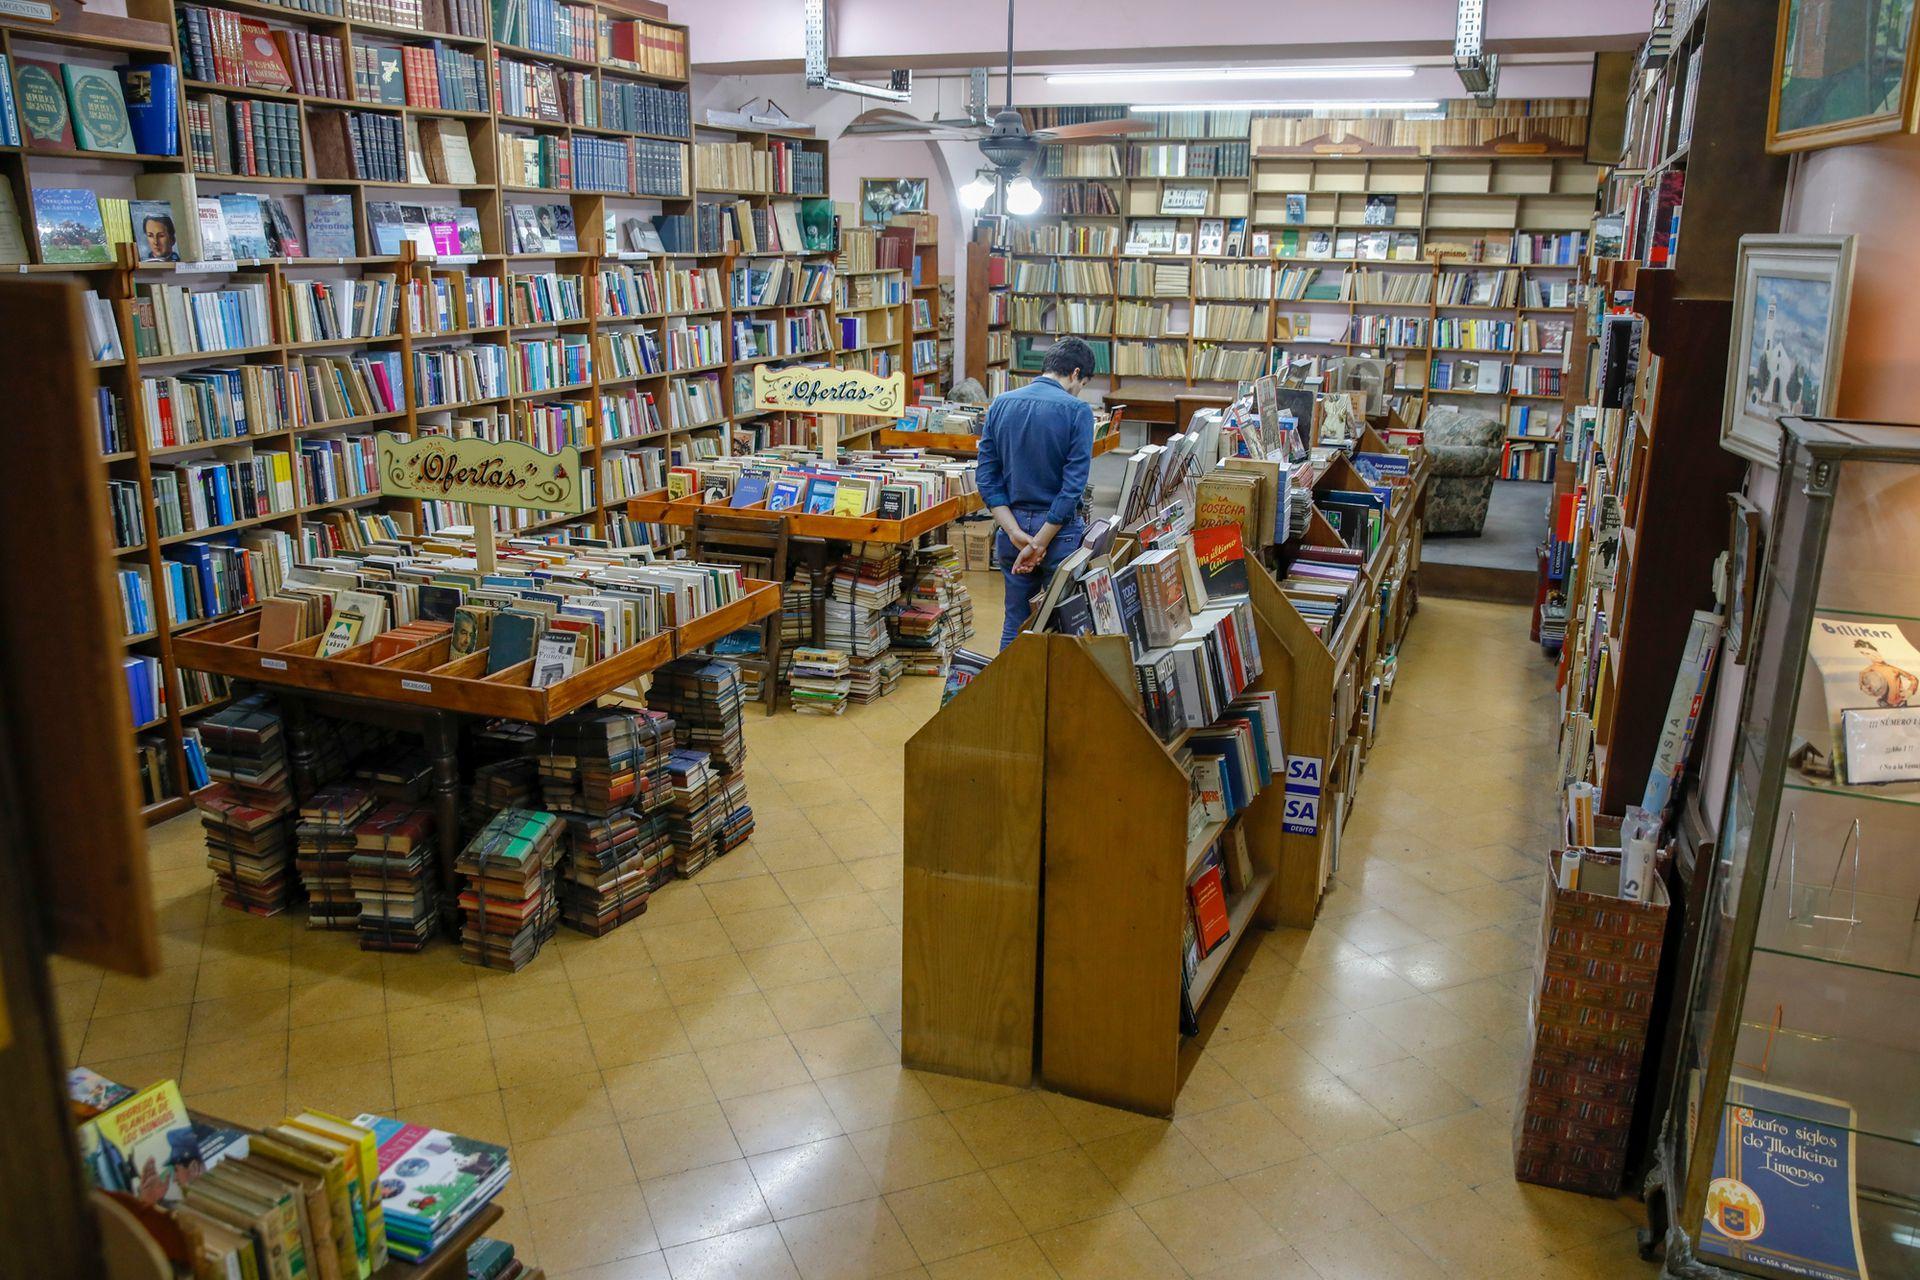 La librería también tiene varias góndolas con ofertas